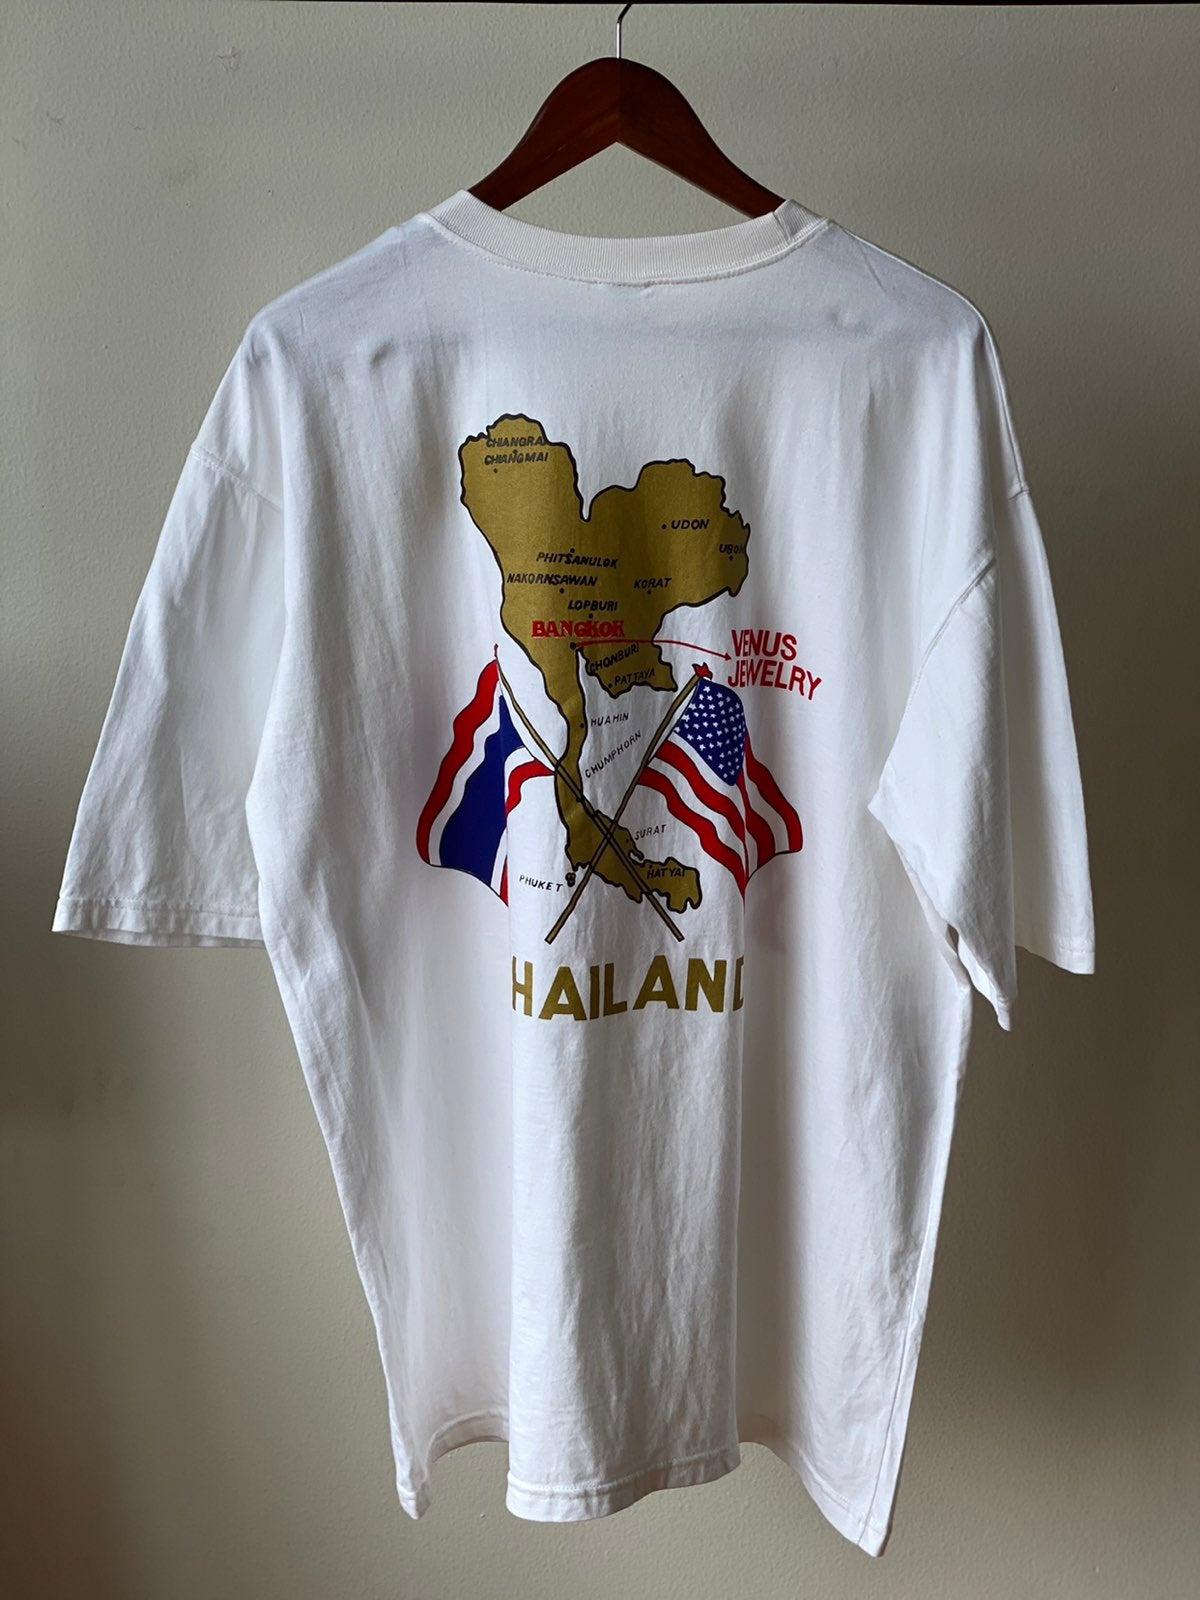 Vintage '97 US/Thailand Shirt Sz XXL